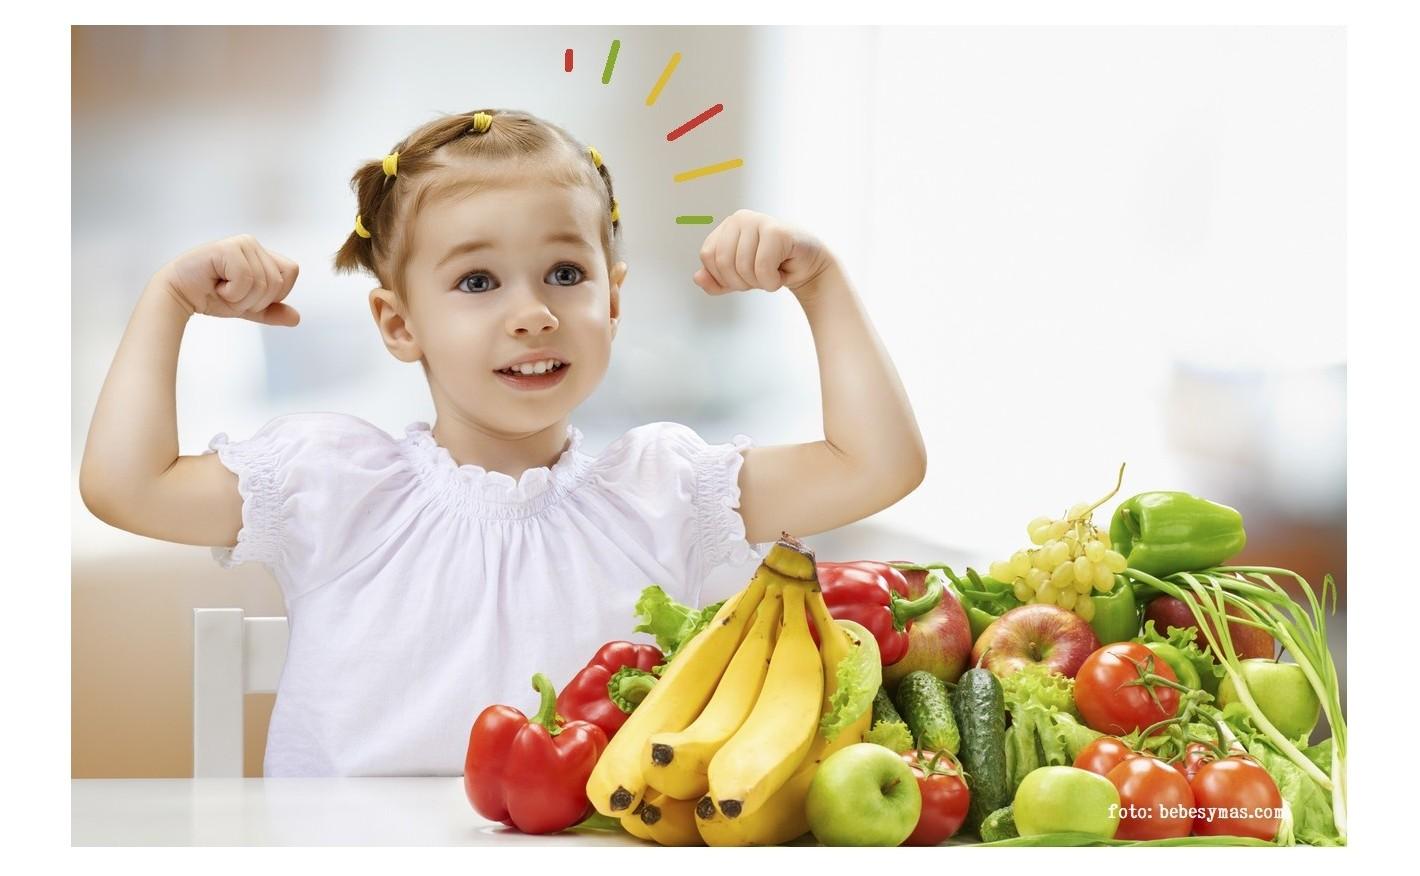 ¿Quieres que tu hijo se alimente de manera saludable? ¡Implícale!